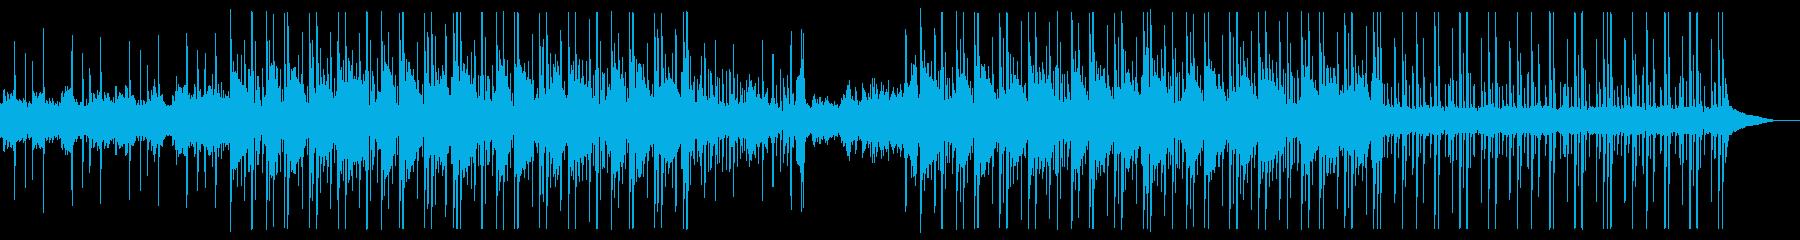 浮遊感のあるHipHop(Trap)の再生済みの波形